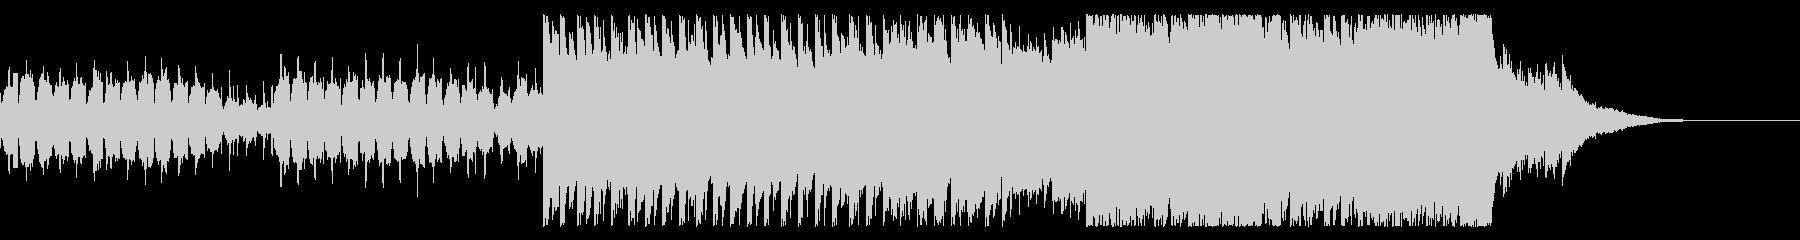 ポップロック研究所モダンなロックの...の未再生の波形